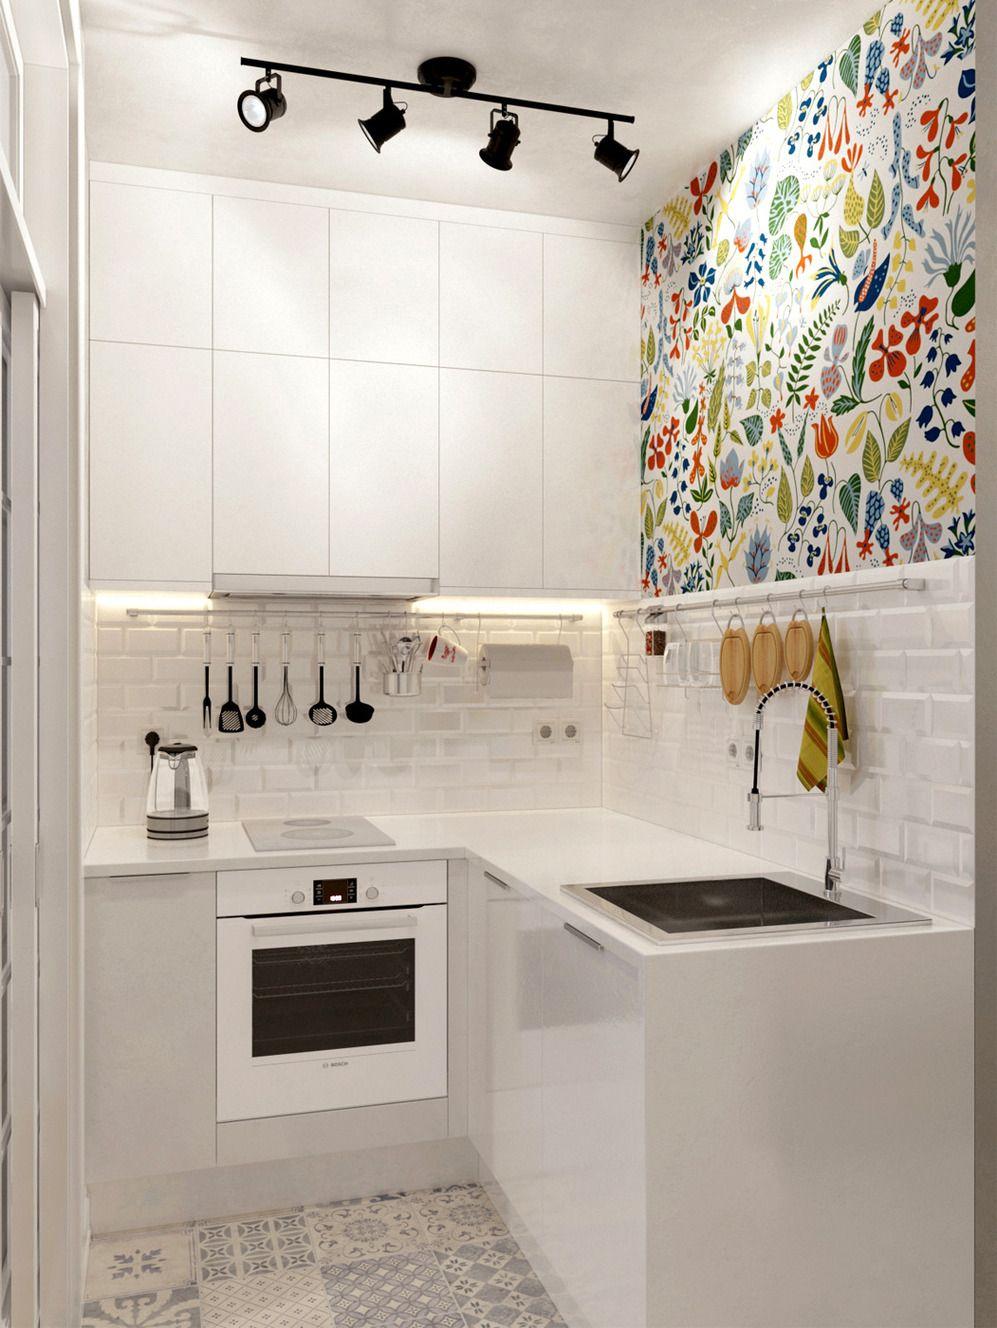 Студия недели: 14 квадратных метров в Питере | Cocinas, Cocina ...